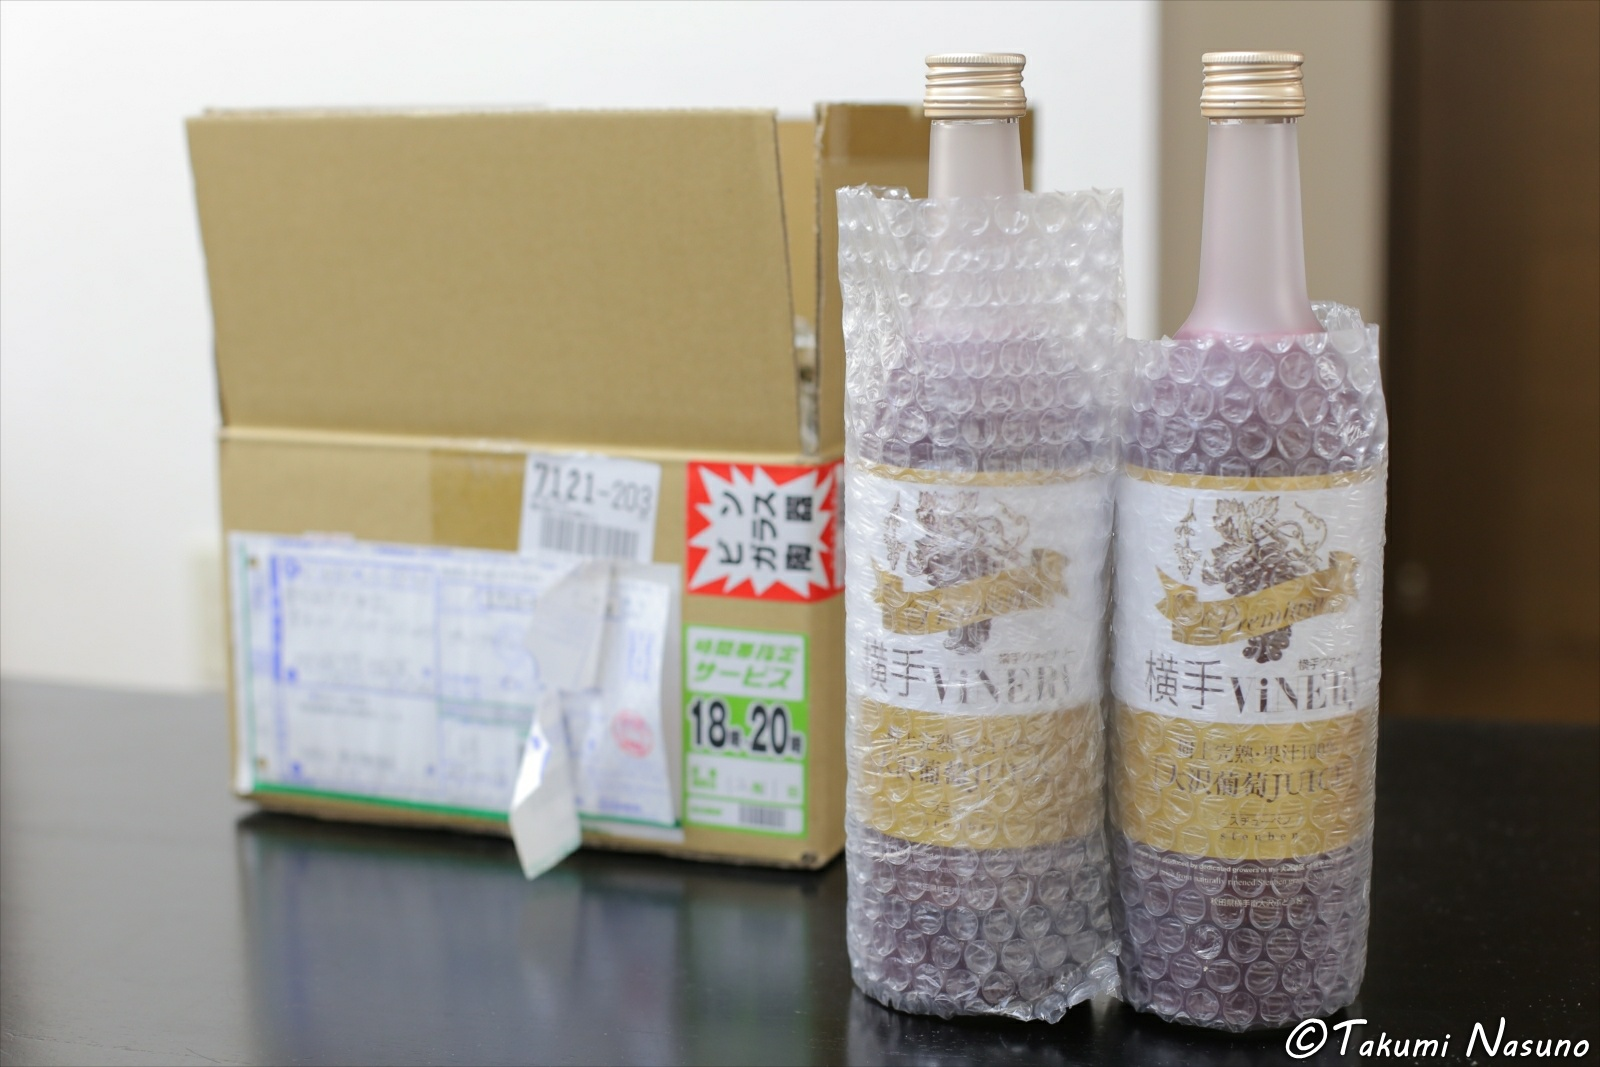 Osawa Grape Premium Juice From Yokote ViNERY opened